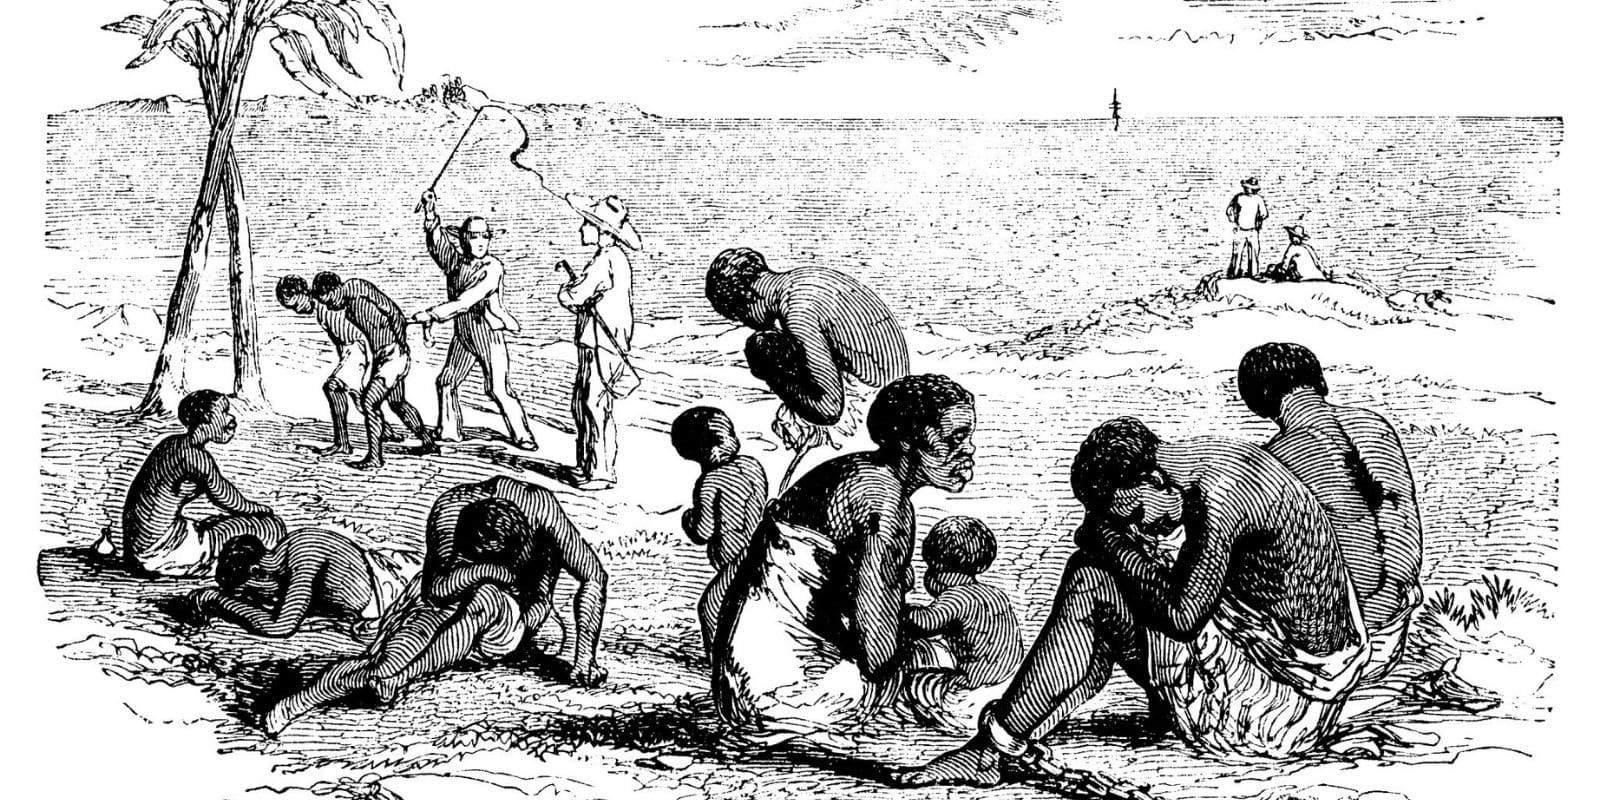 Dessins d'esclaves africains surveillés par des gardes blancs, au bord de la plage attendant un bateau